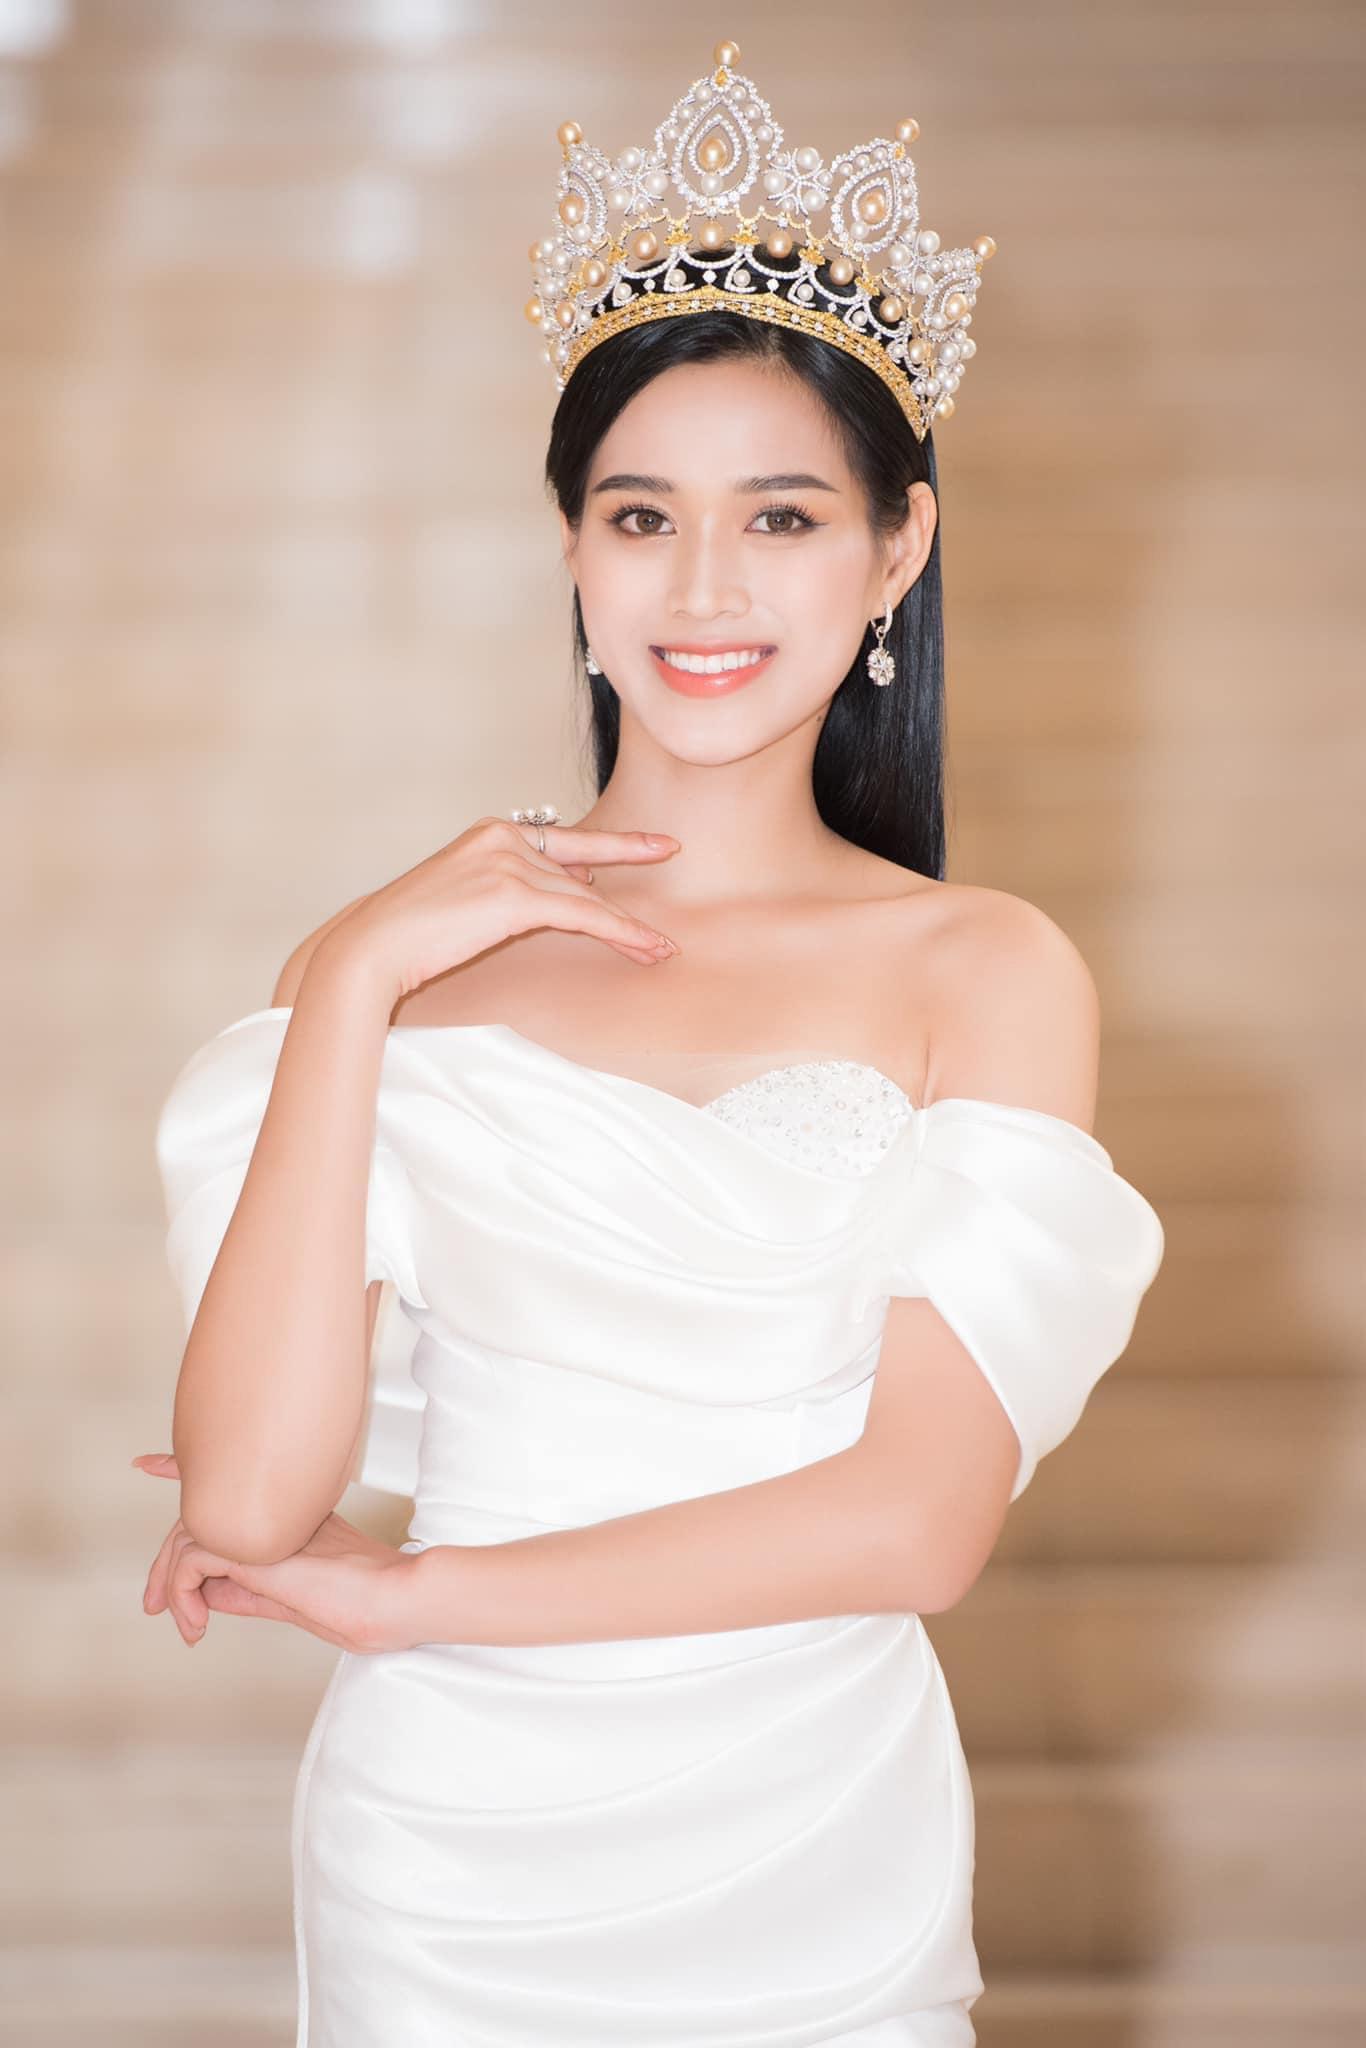 Đỗ Thị Hà hứa hẹn điều gì với fan hâm mộ sau ngày đăng quang Hoa hậu Việt Nam 2020? - Ảnh 1.